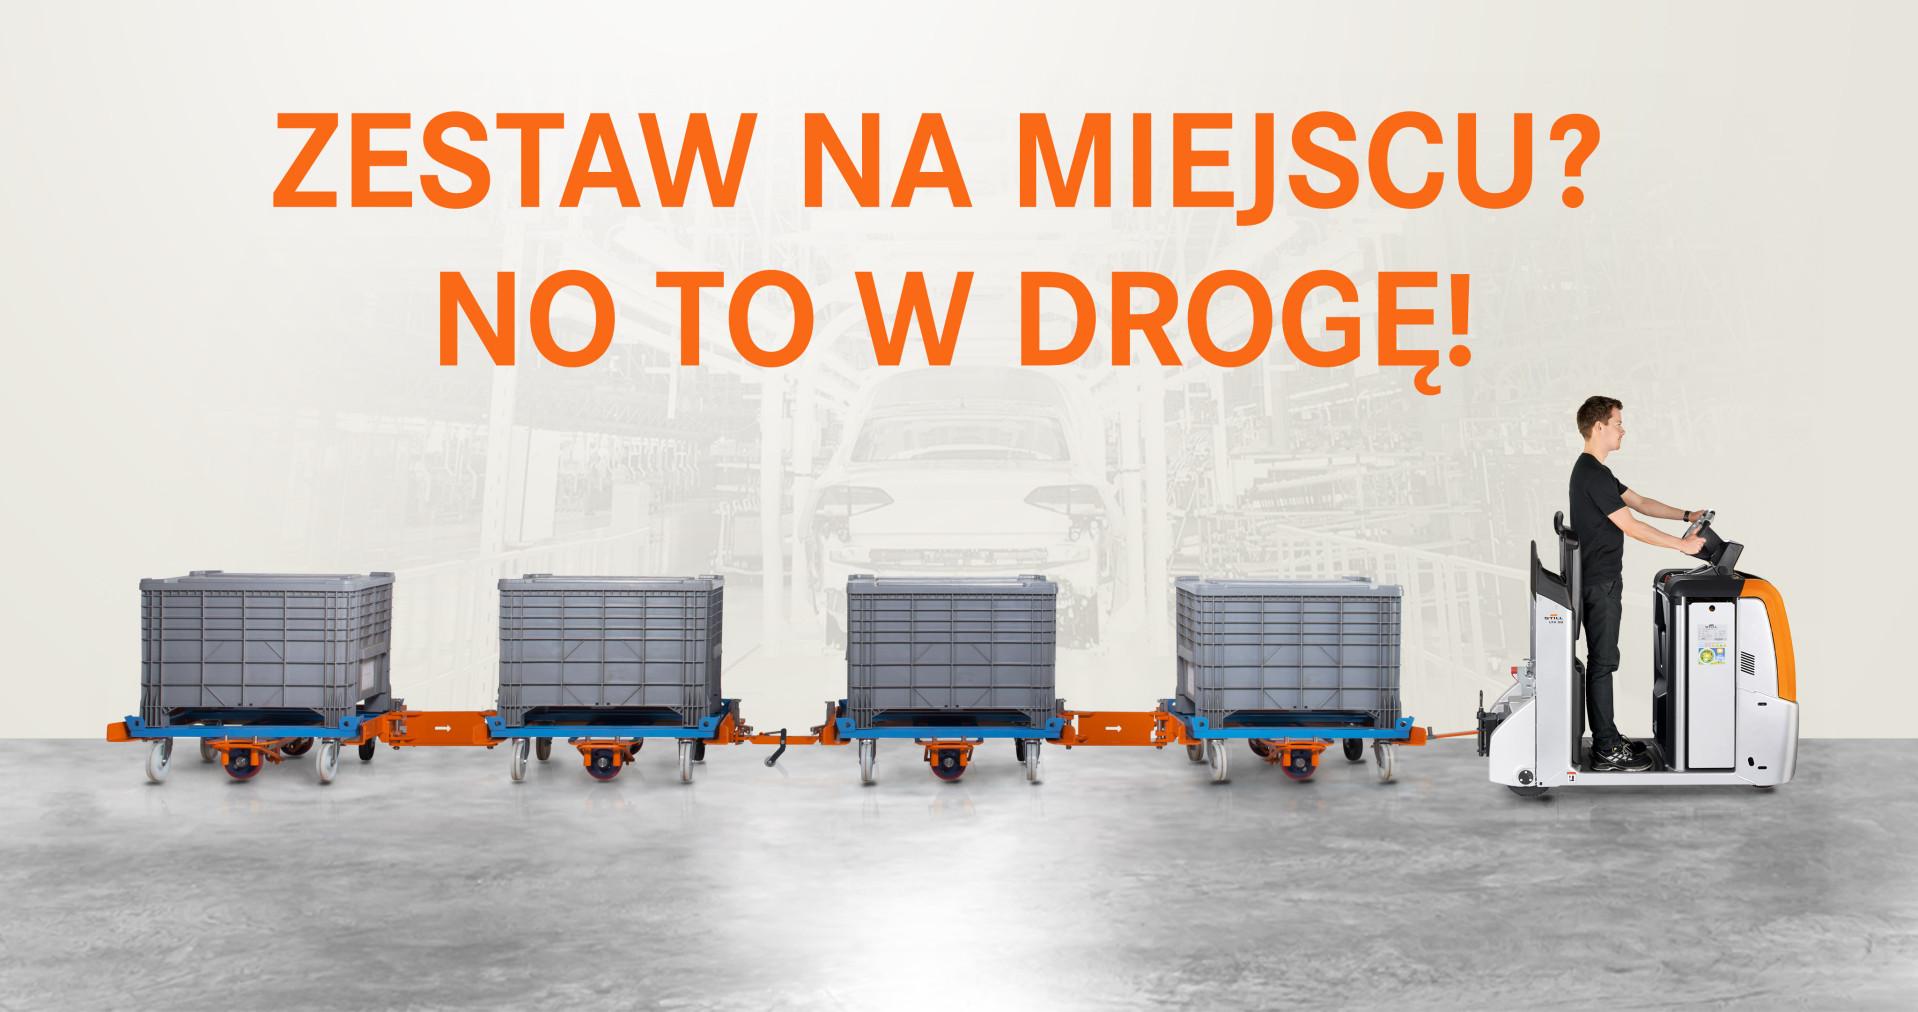 Wdrożenie zestawów platform transportowych.